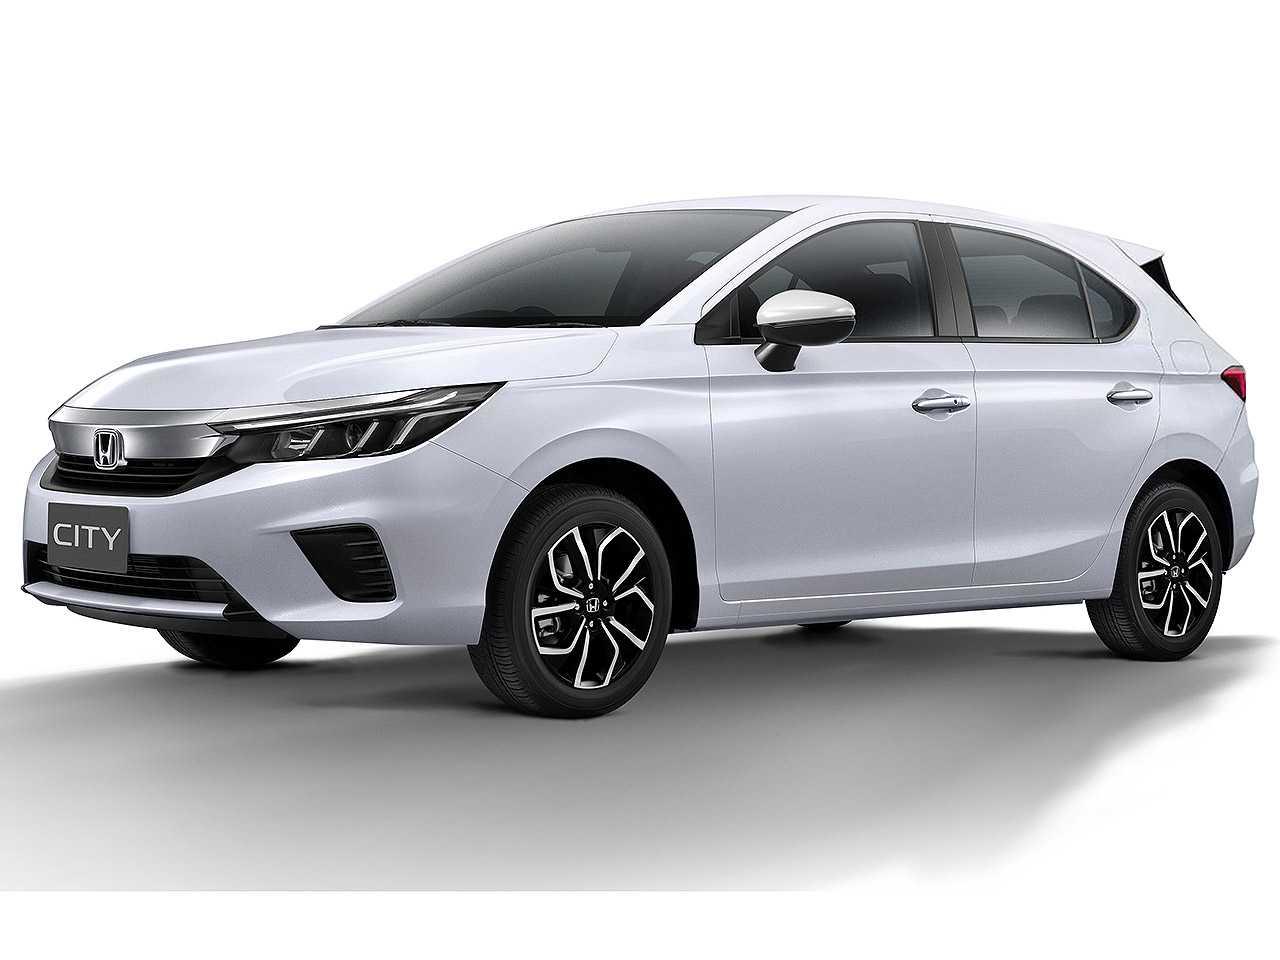 Projeção de Kleber Silva para o City hatchback baseado na nova geração do sedan